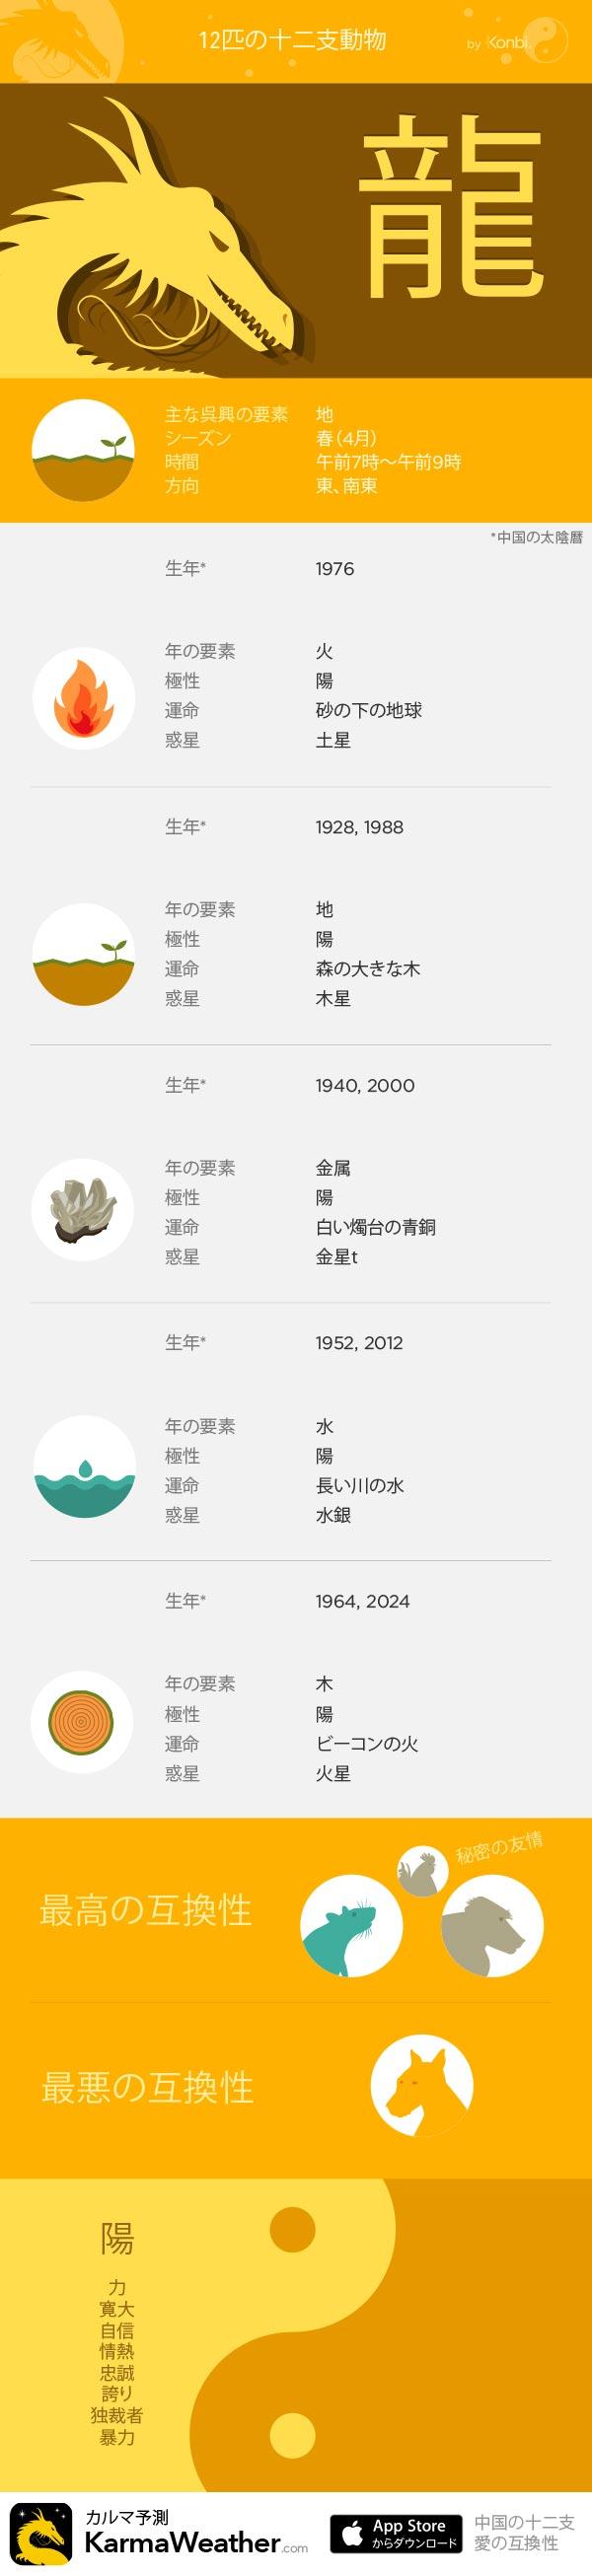 龍  - KarmaWeatherによる12の十二支の看板、 無料の中国占星術iPhoneアプリ